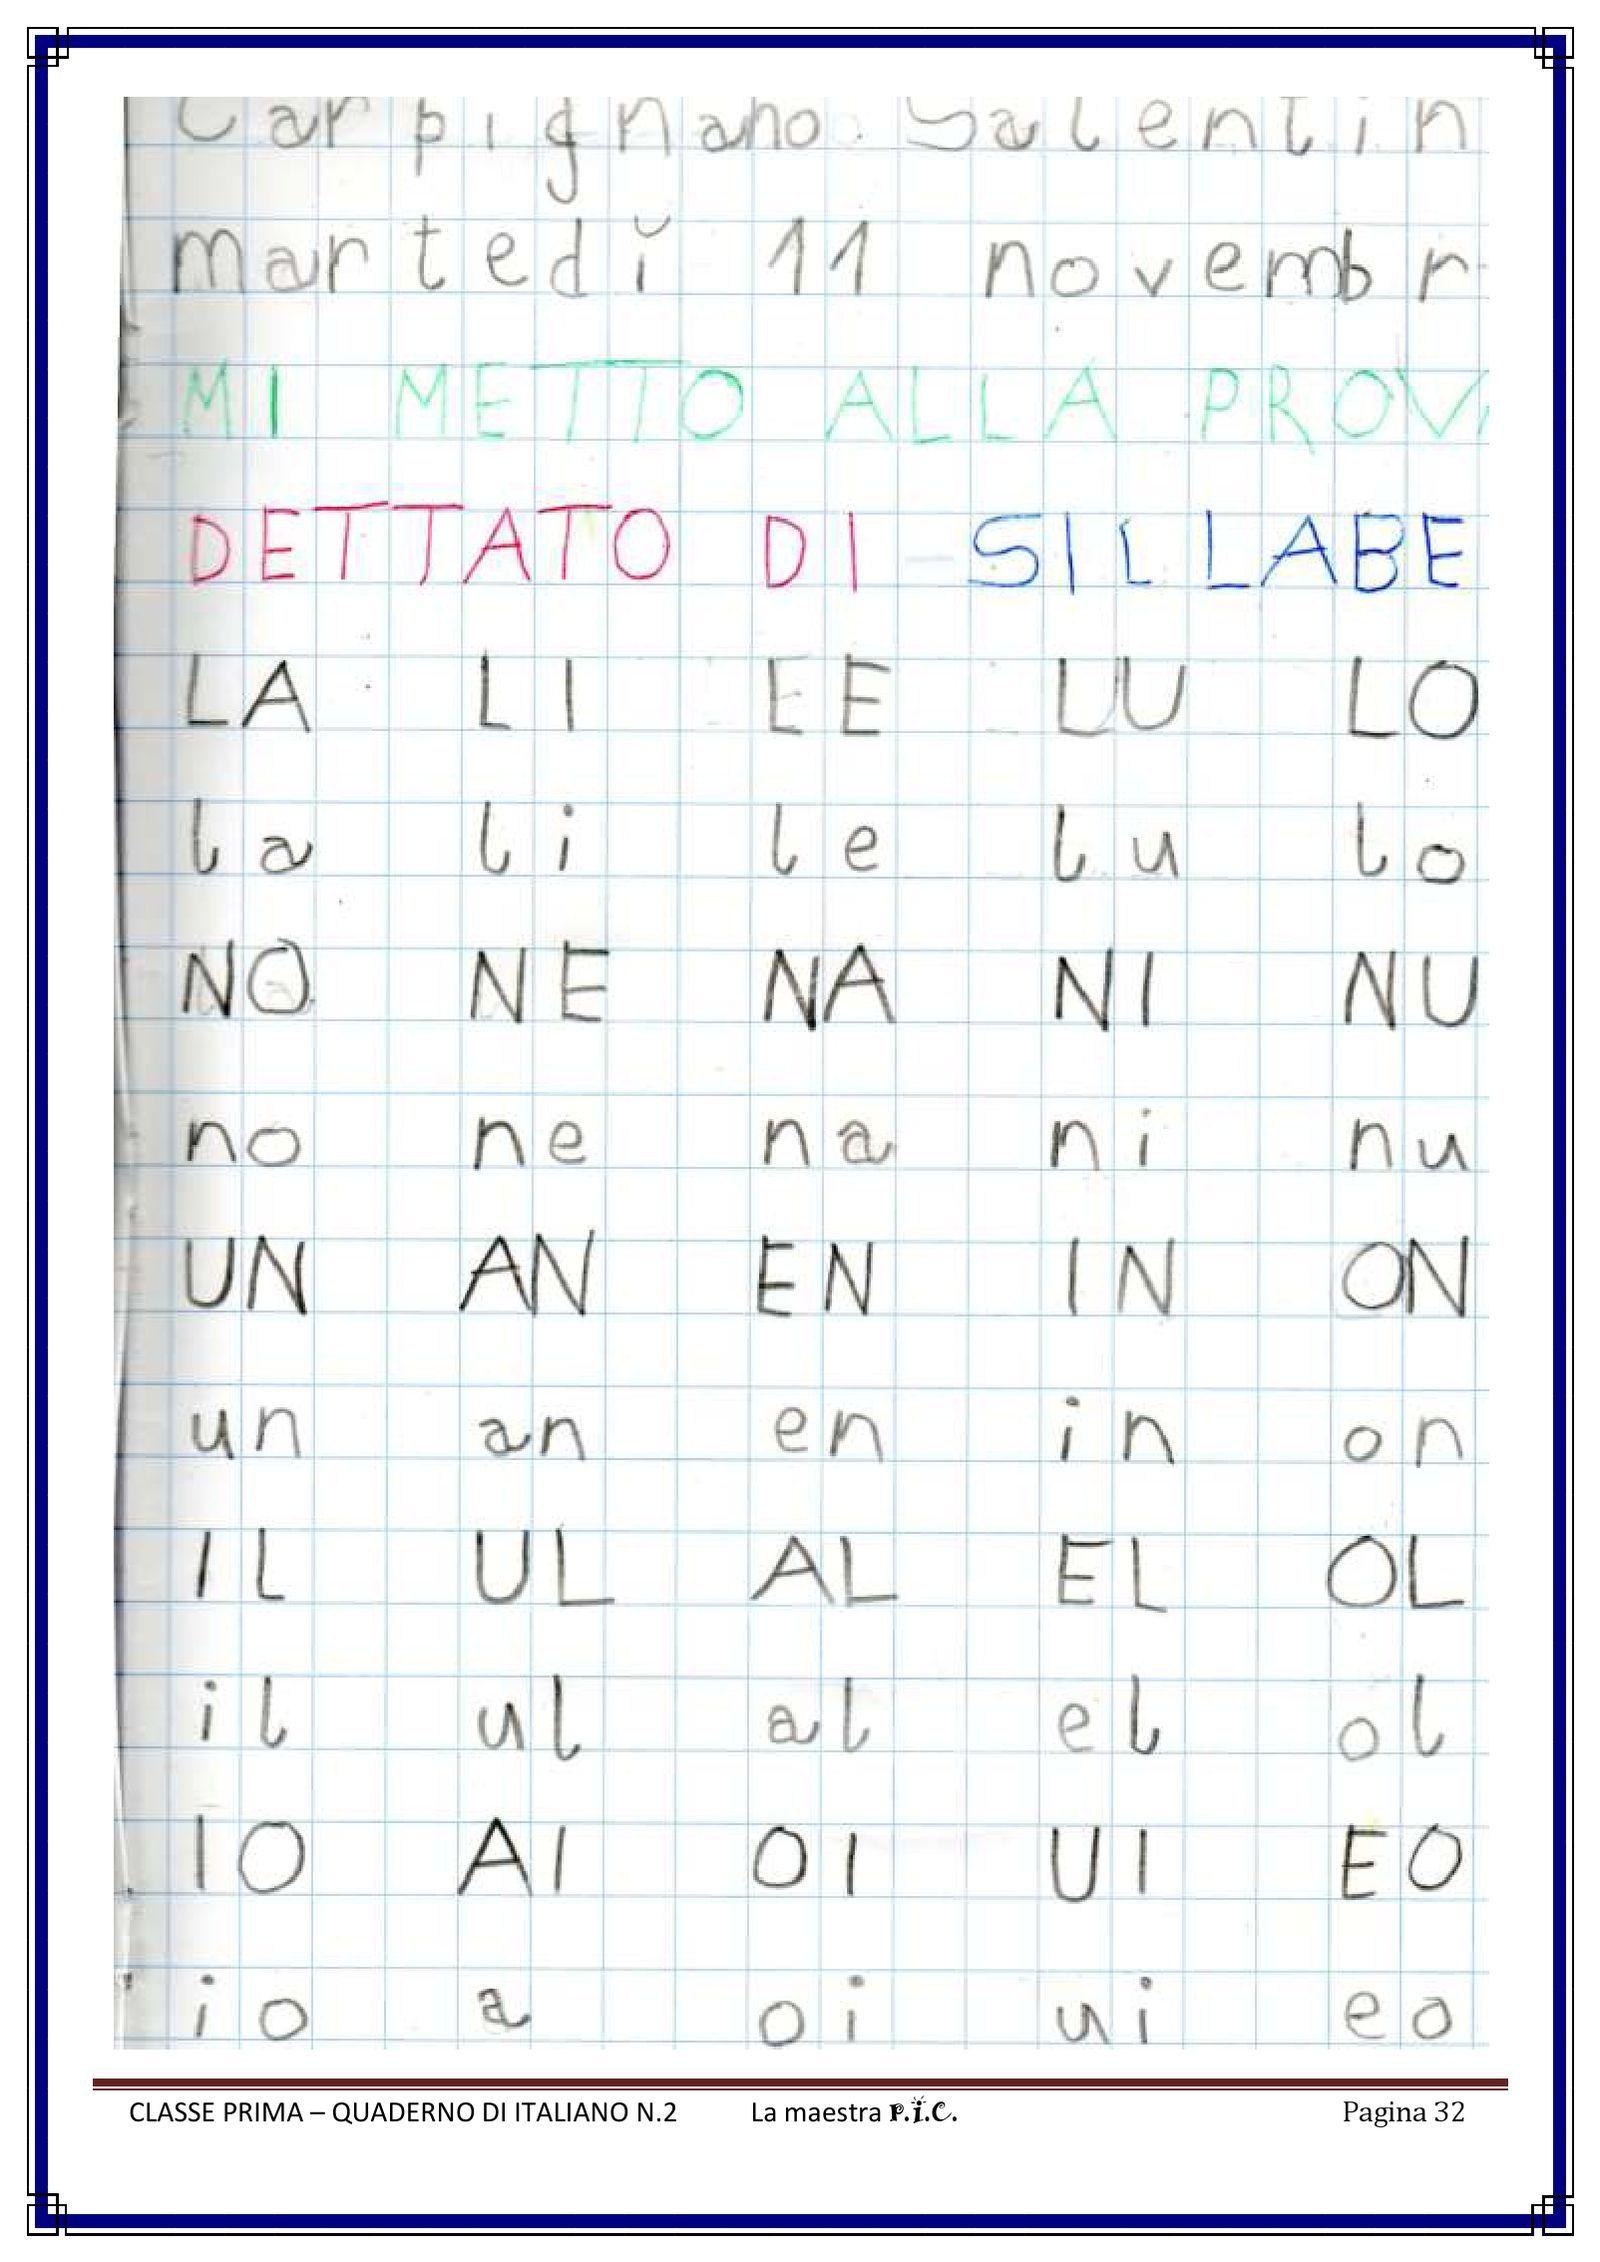 Il Mio Quaderno Di Italiano Pdf To Flipbook Schede Prima Elementare